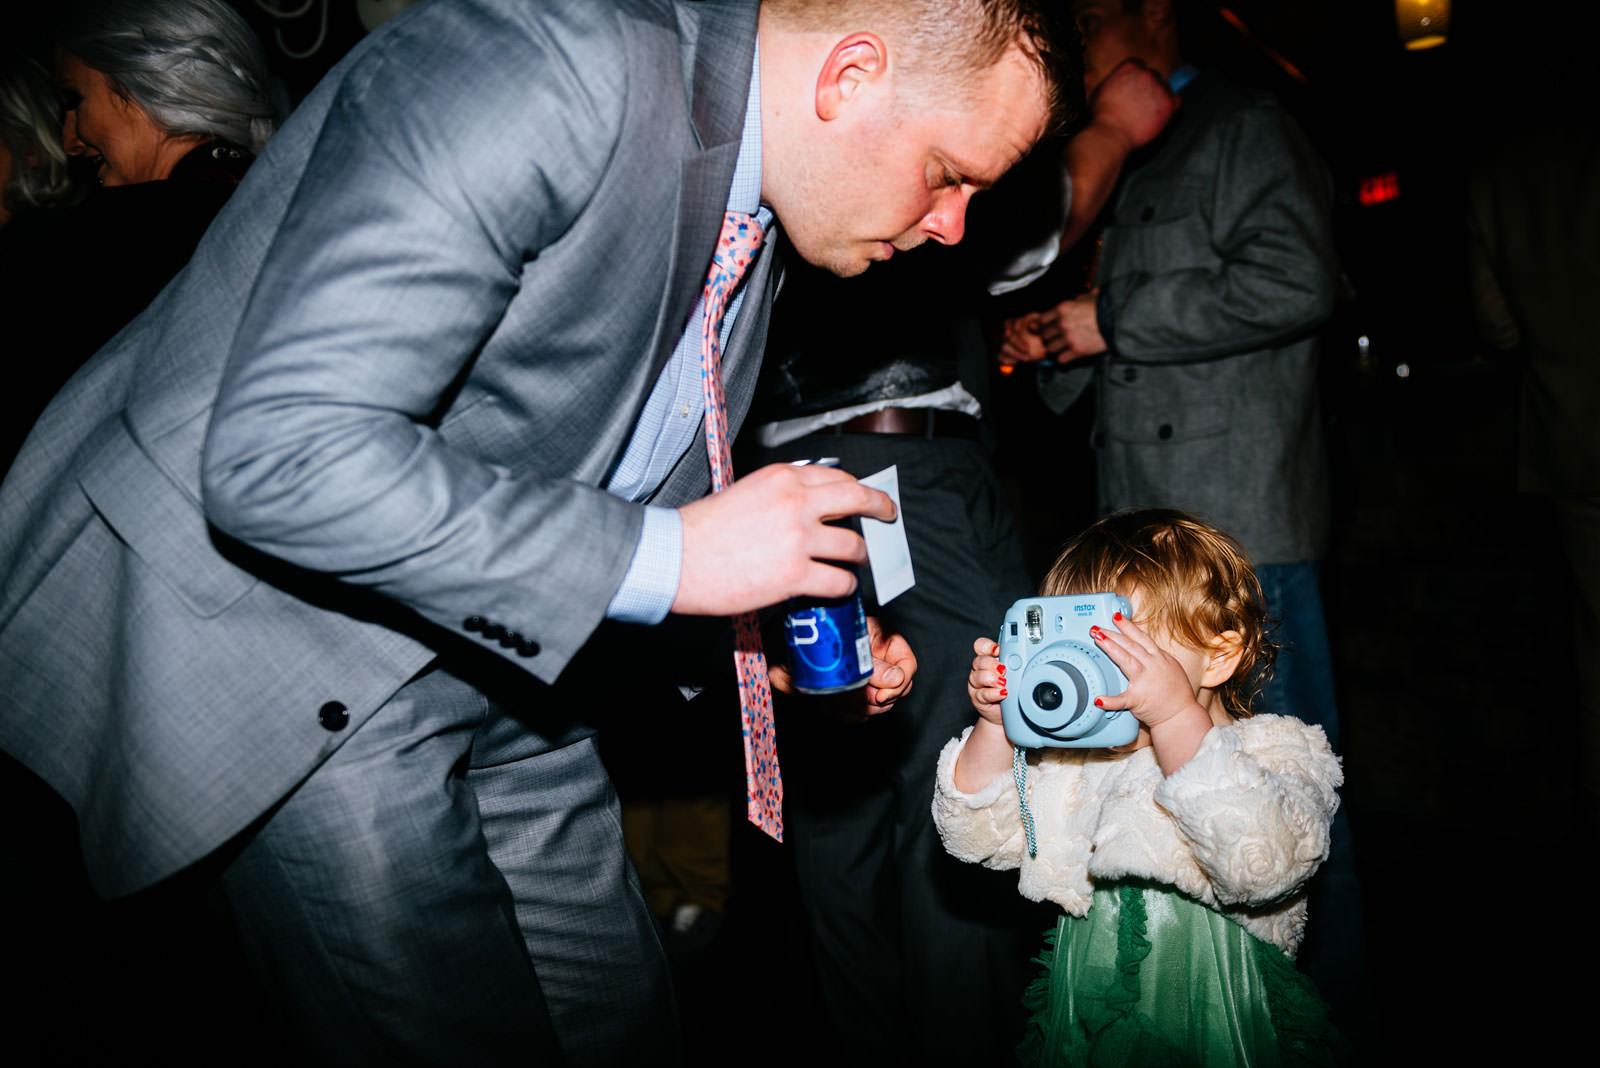 kid using instax camera at wedding reception